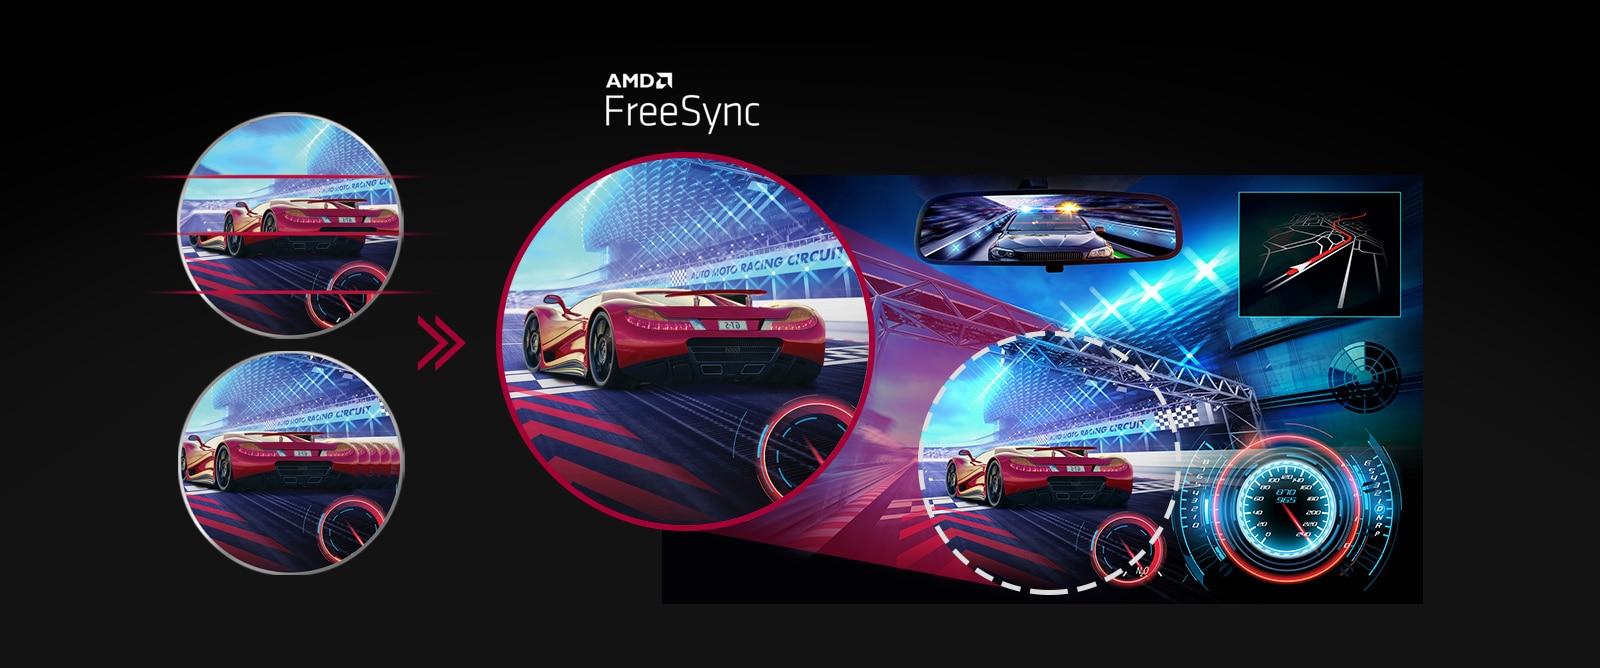 LG 27QN600-B AMD FreeSync